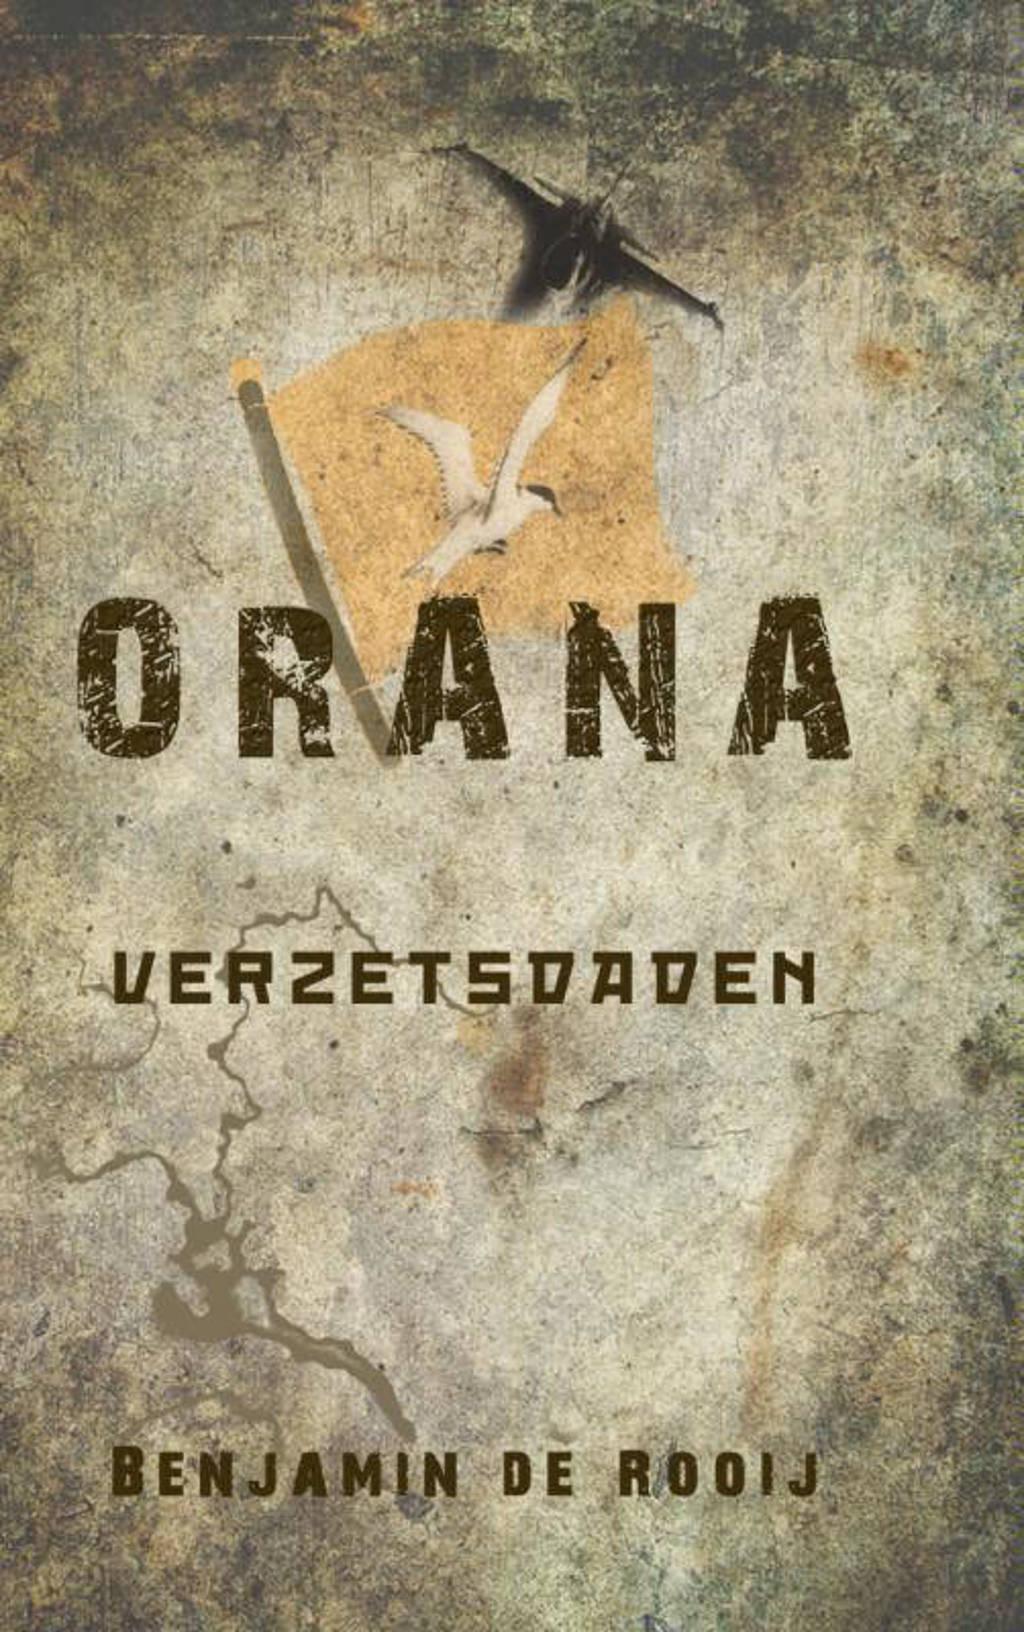 Orana Verzetsdaden - Benjamin de Rooij